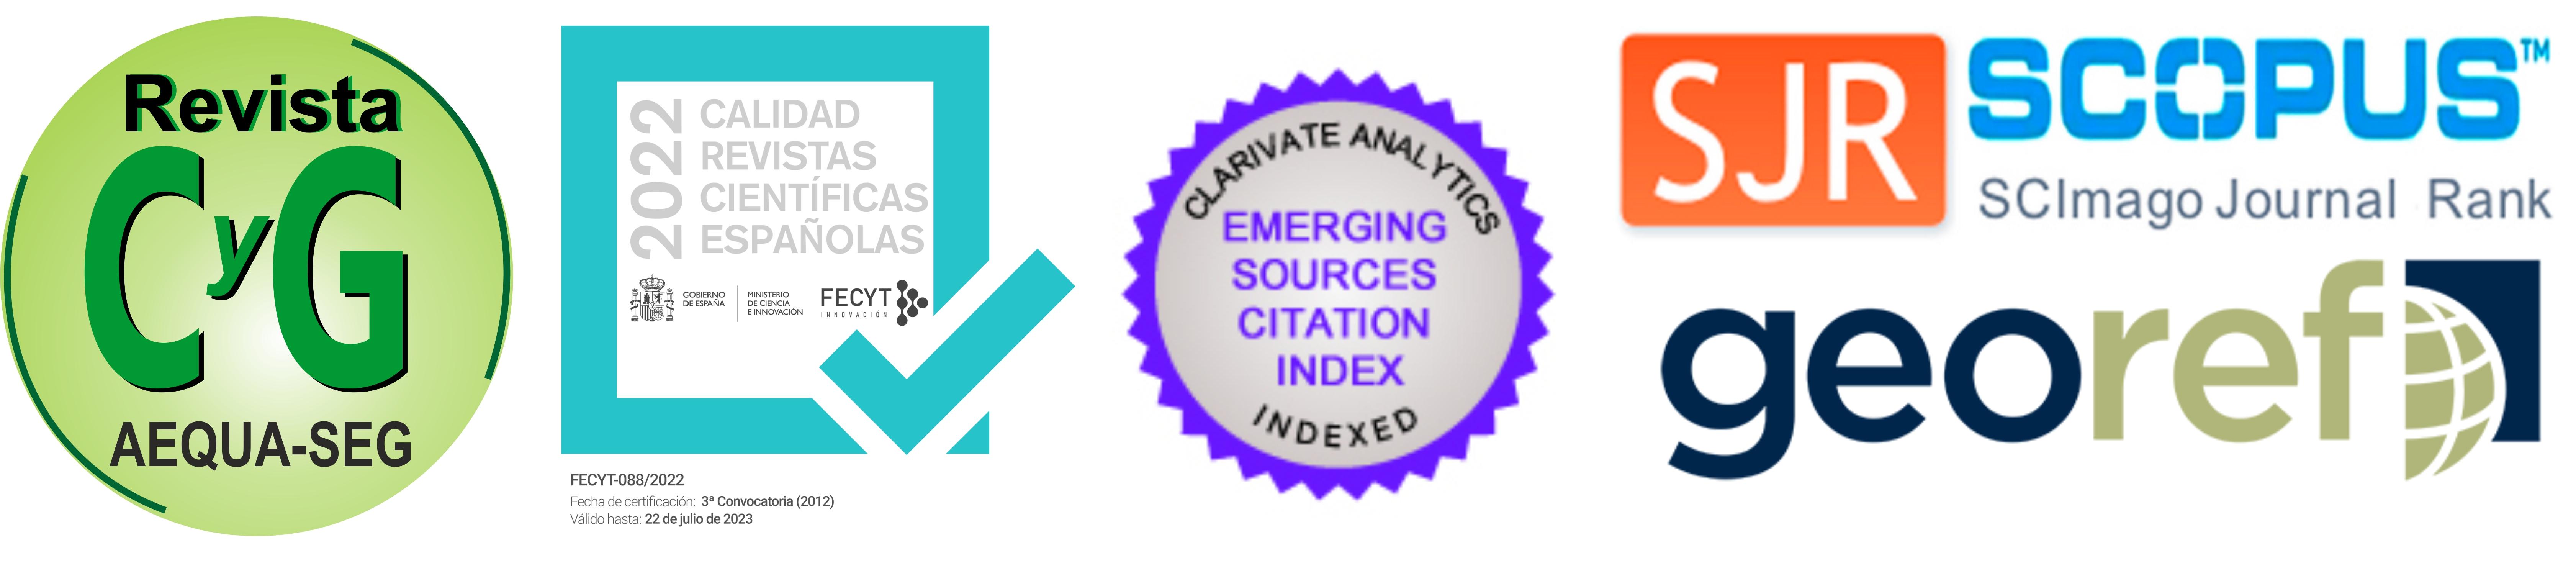 Evolución de los índice de impacto SCIMAGO